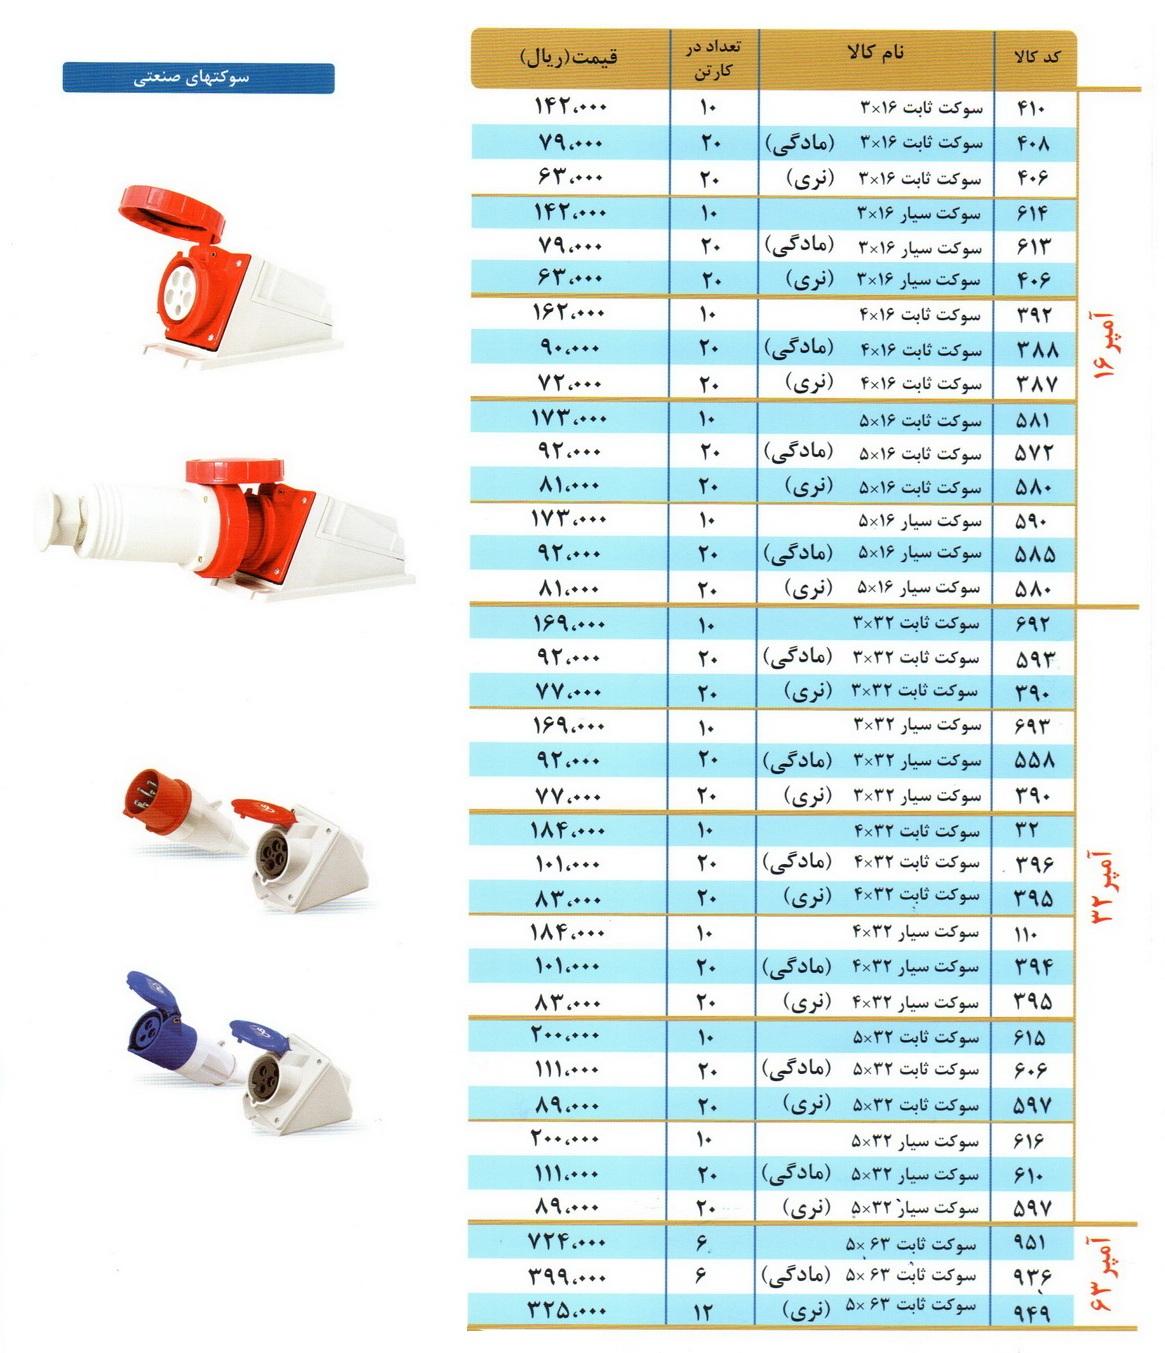 لیست قیمت سوکت های صنعتی